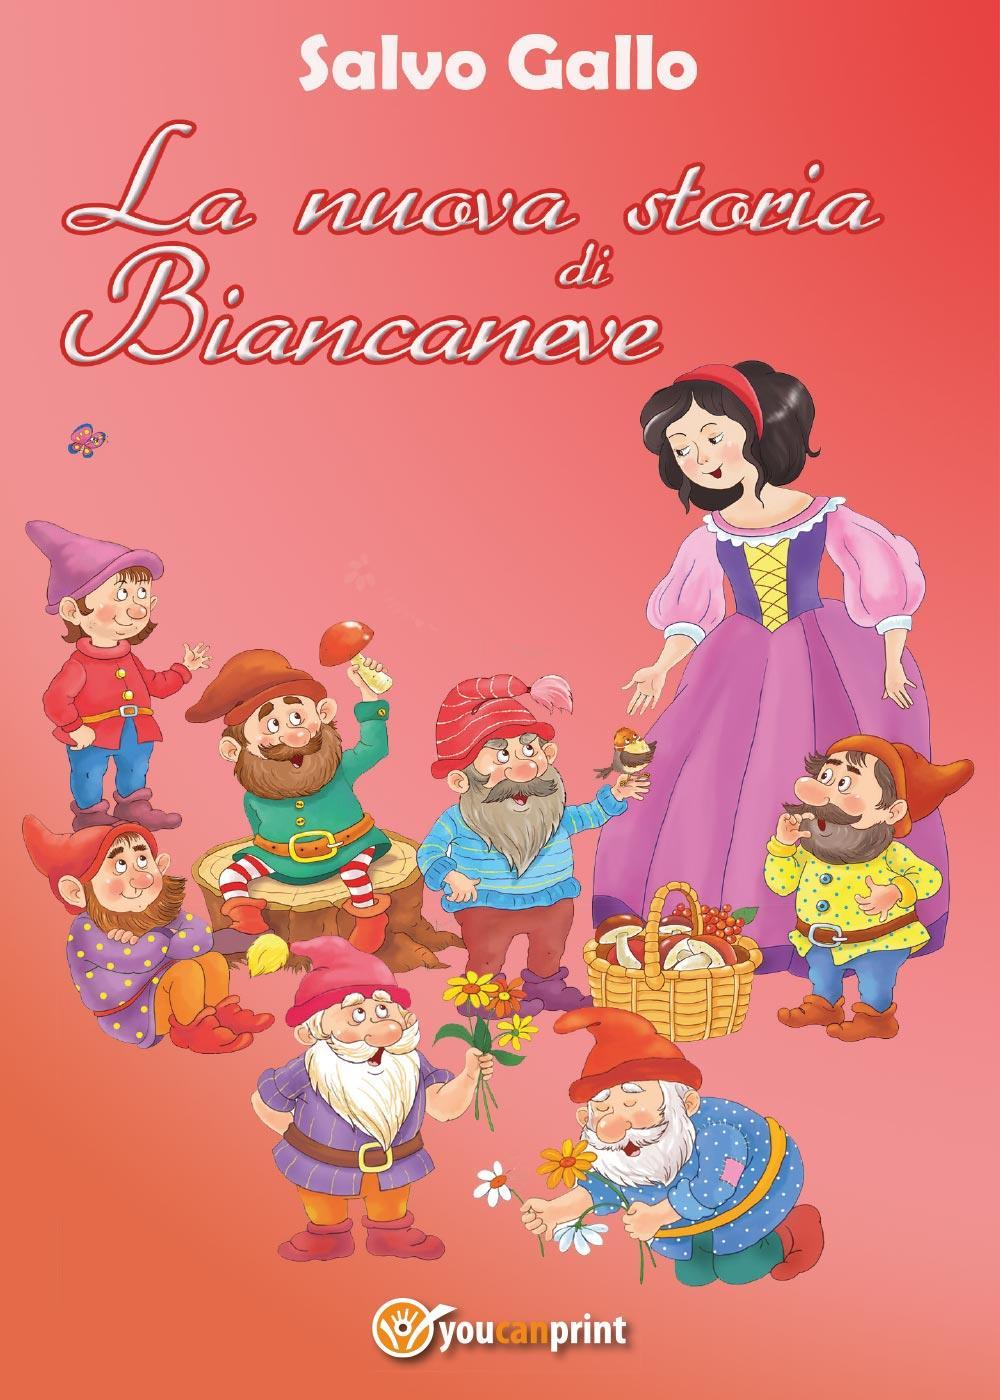 La nuova storia di Biancaneve